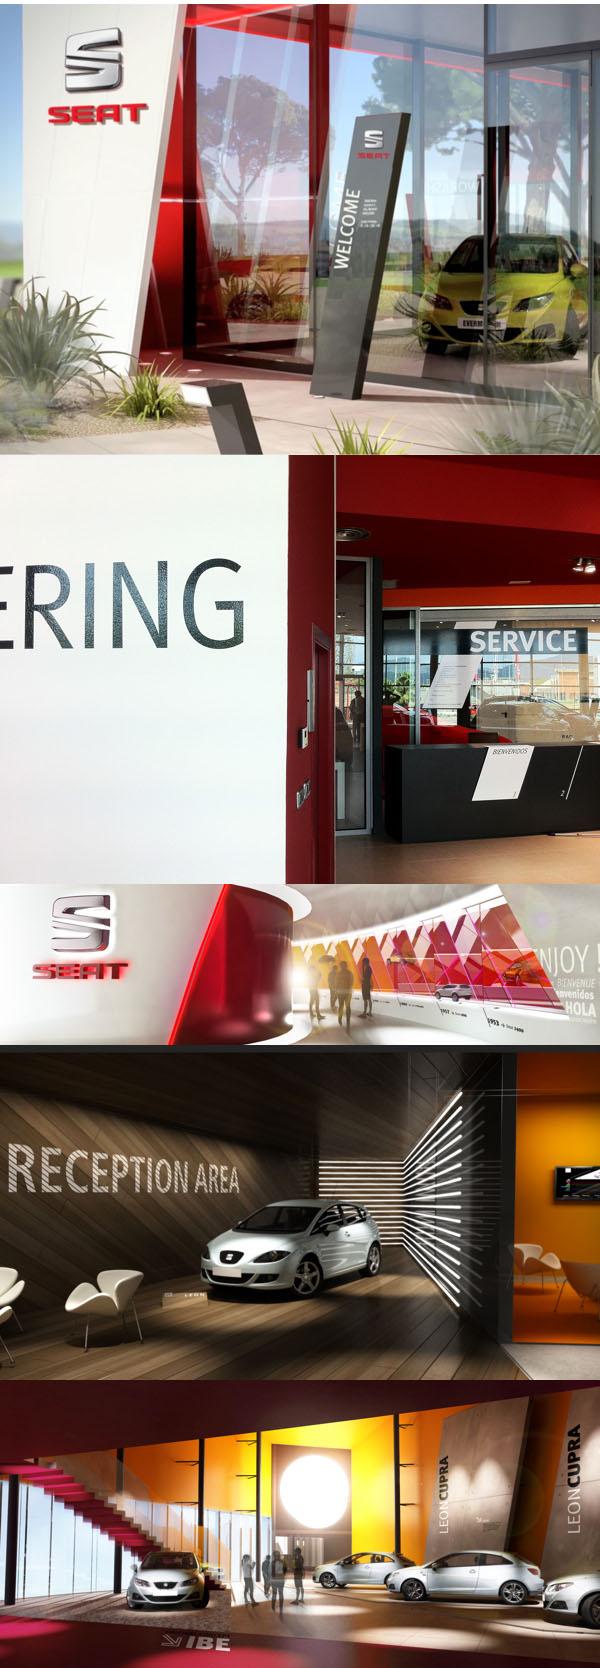 Contoh-Desain-Corporate-Identity-Design-untuk-Branding-Bisnis-Perusahaan-34